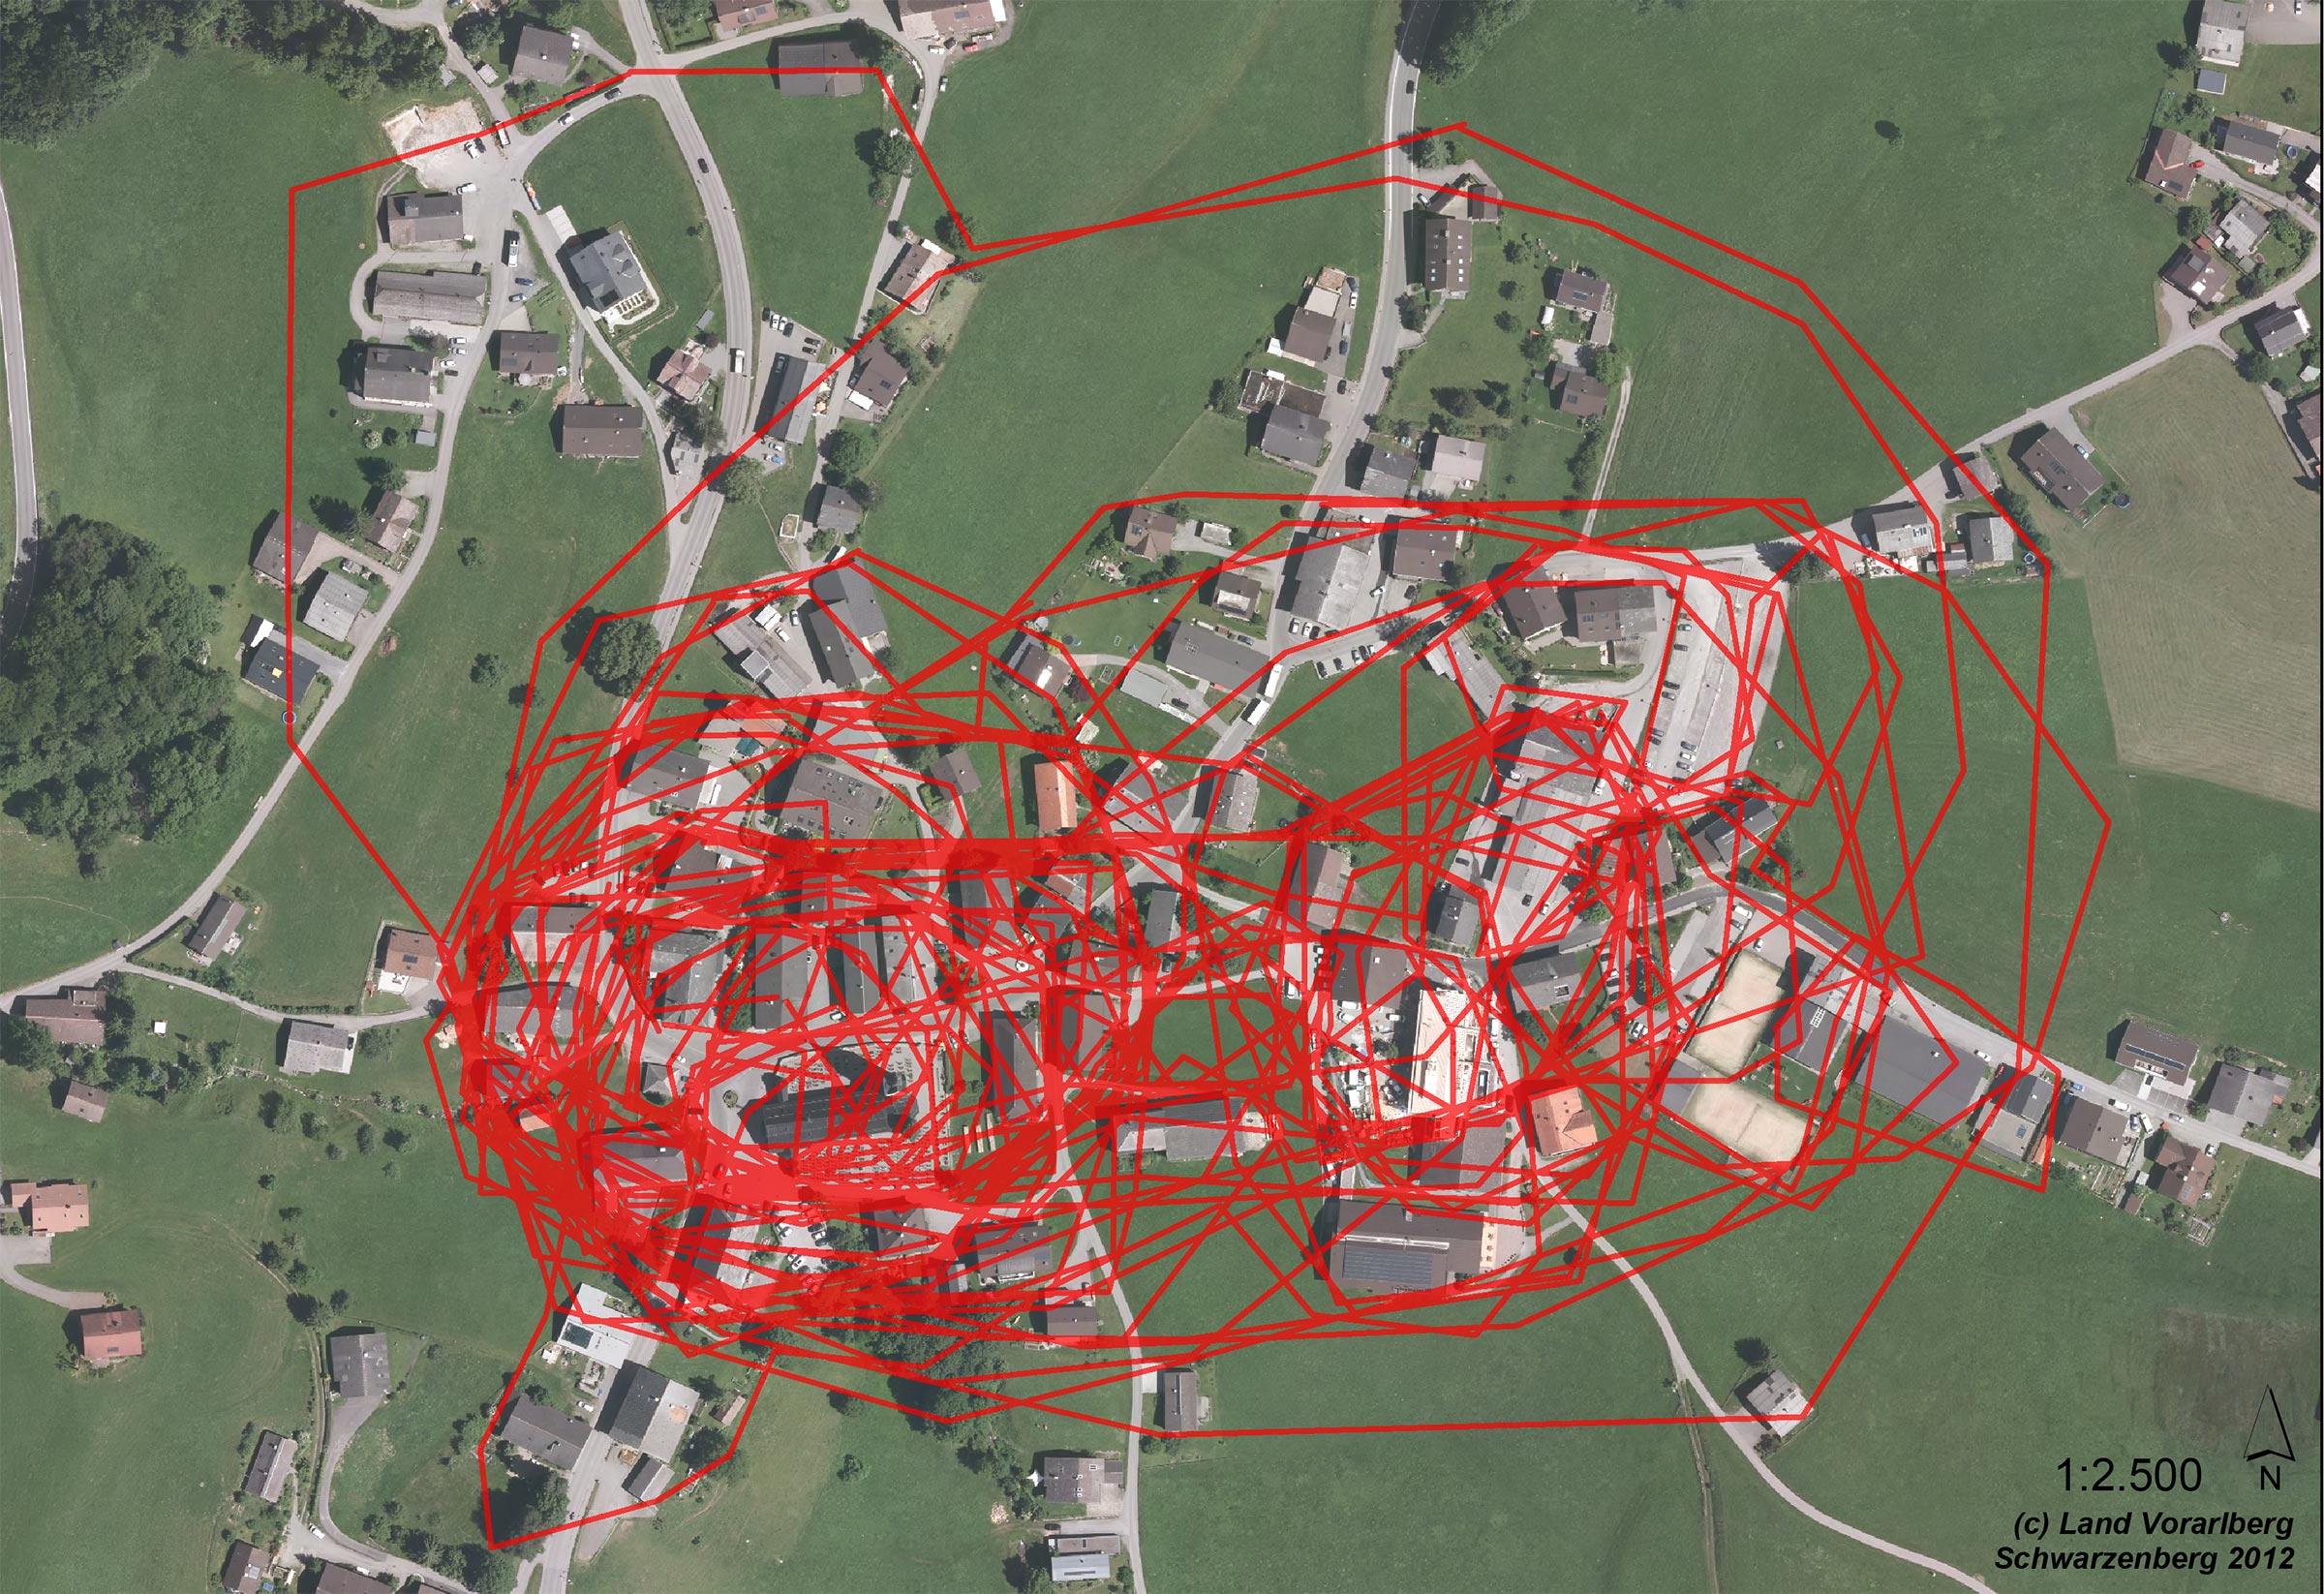 Auf einem Luftbild konnten die Besucher ihren persönlichen Dorfkern von Schwarzenberg markieren. Wer nicht beim Dorfgespräch dabei sein konnte kann den Plan auch nachträglich befüllen und auf der Gemeinde abgeben.    Download Planunterlagen